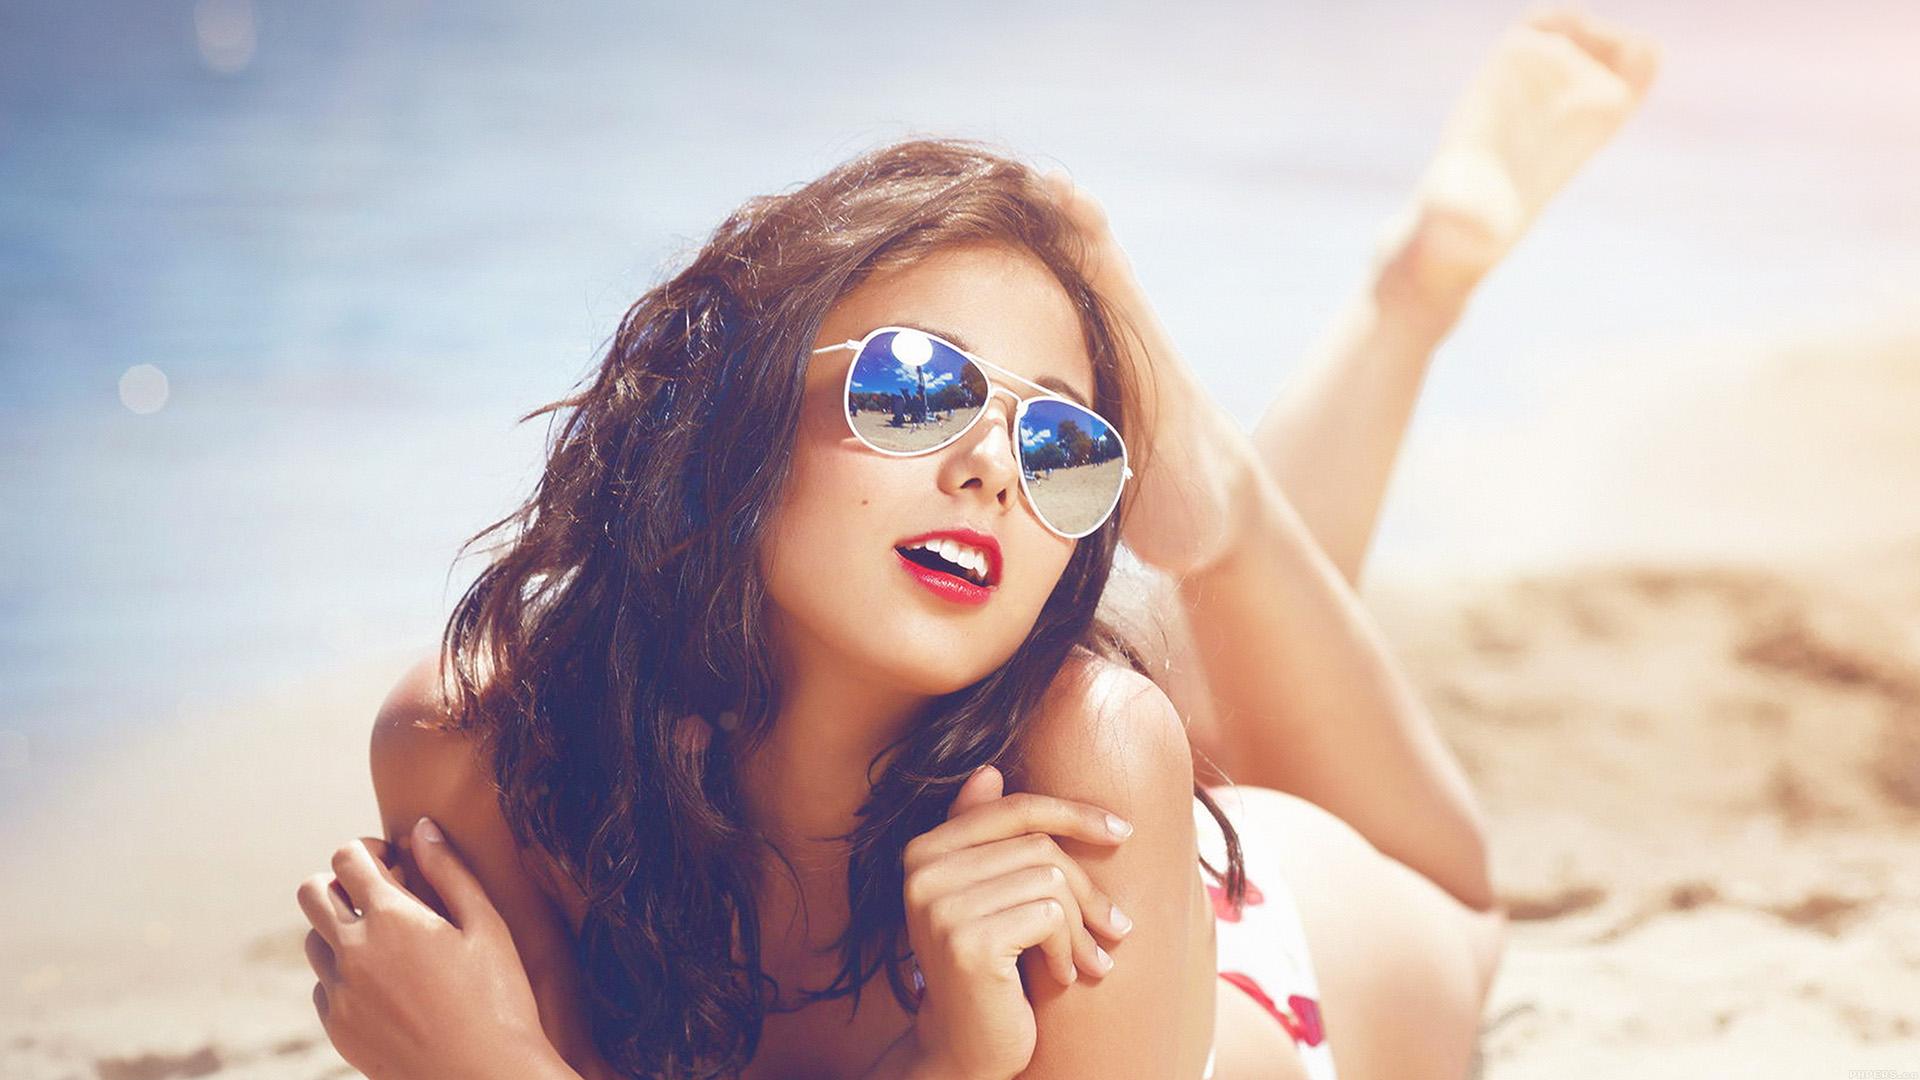 Anime Beach Girl Wallpaper Wallpaper For Desktop Laptop He65 Beach Girl Sunglasses